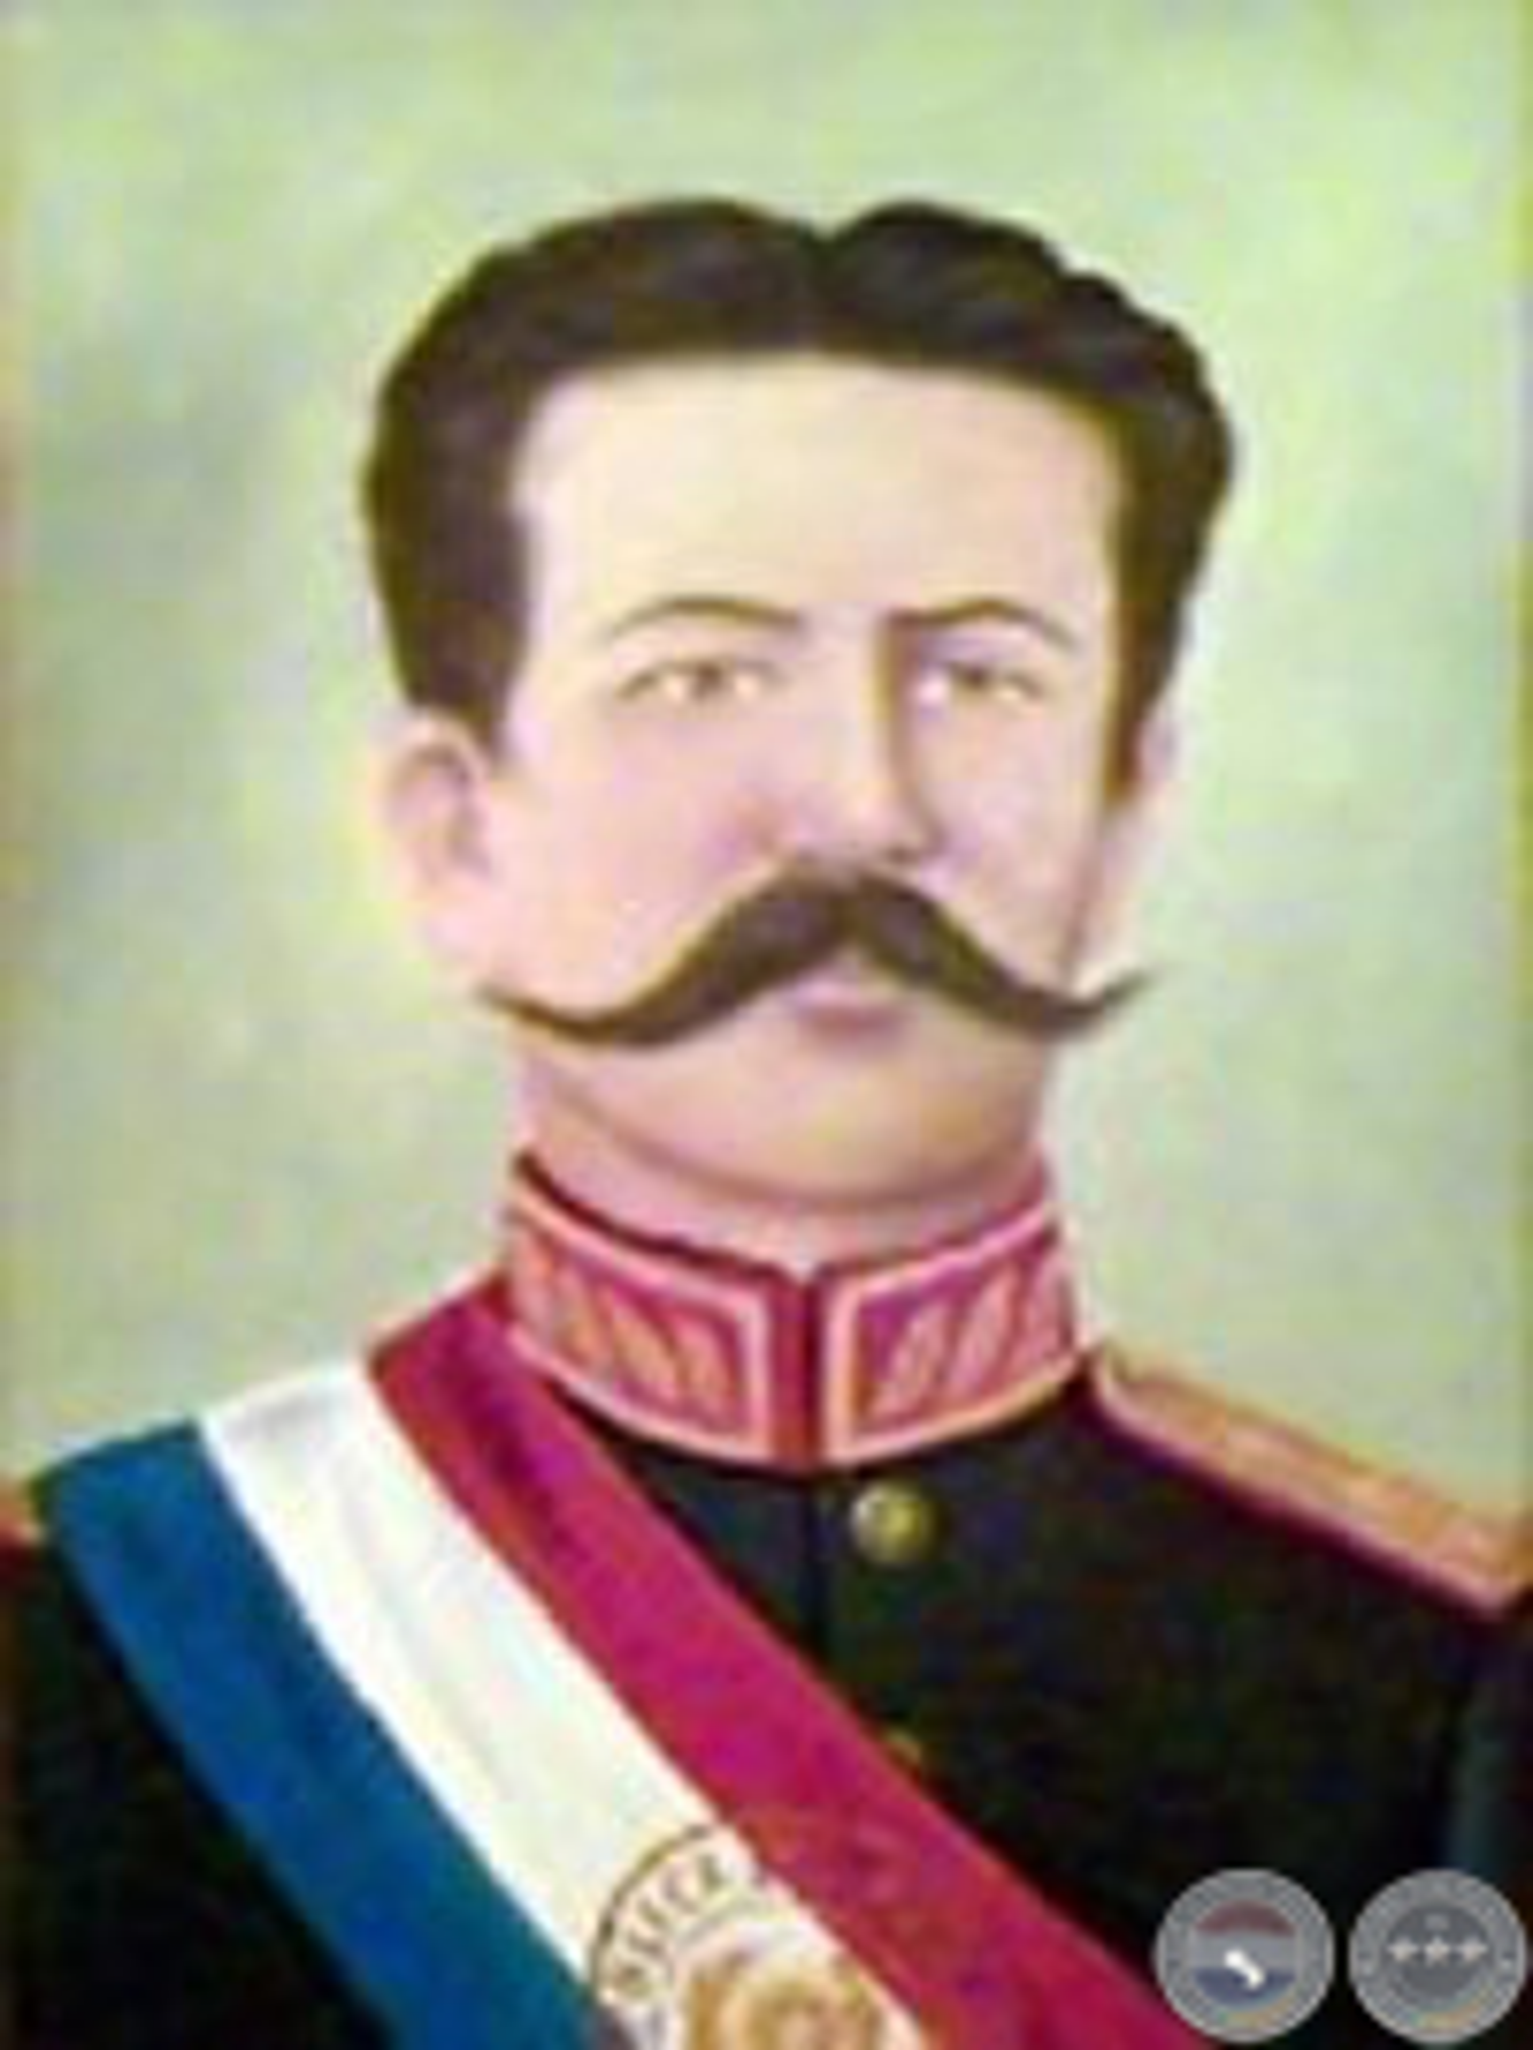 Juan Antonio Escurra